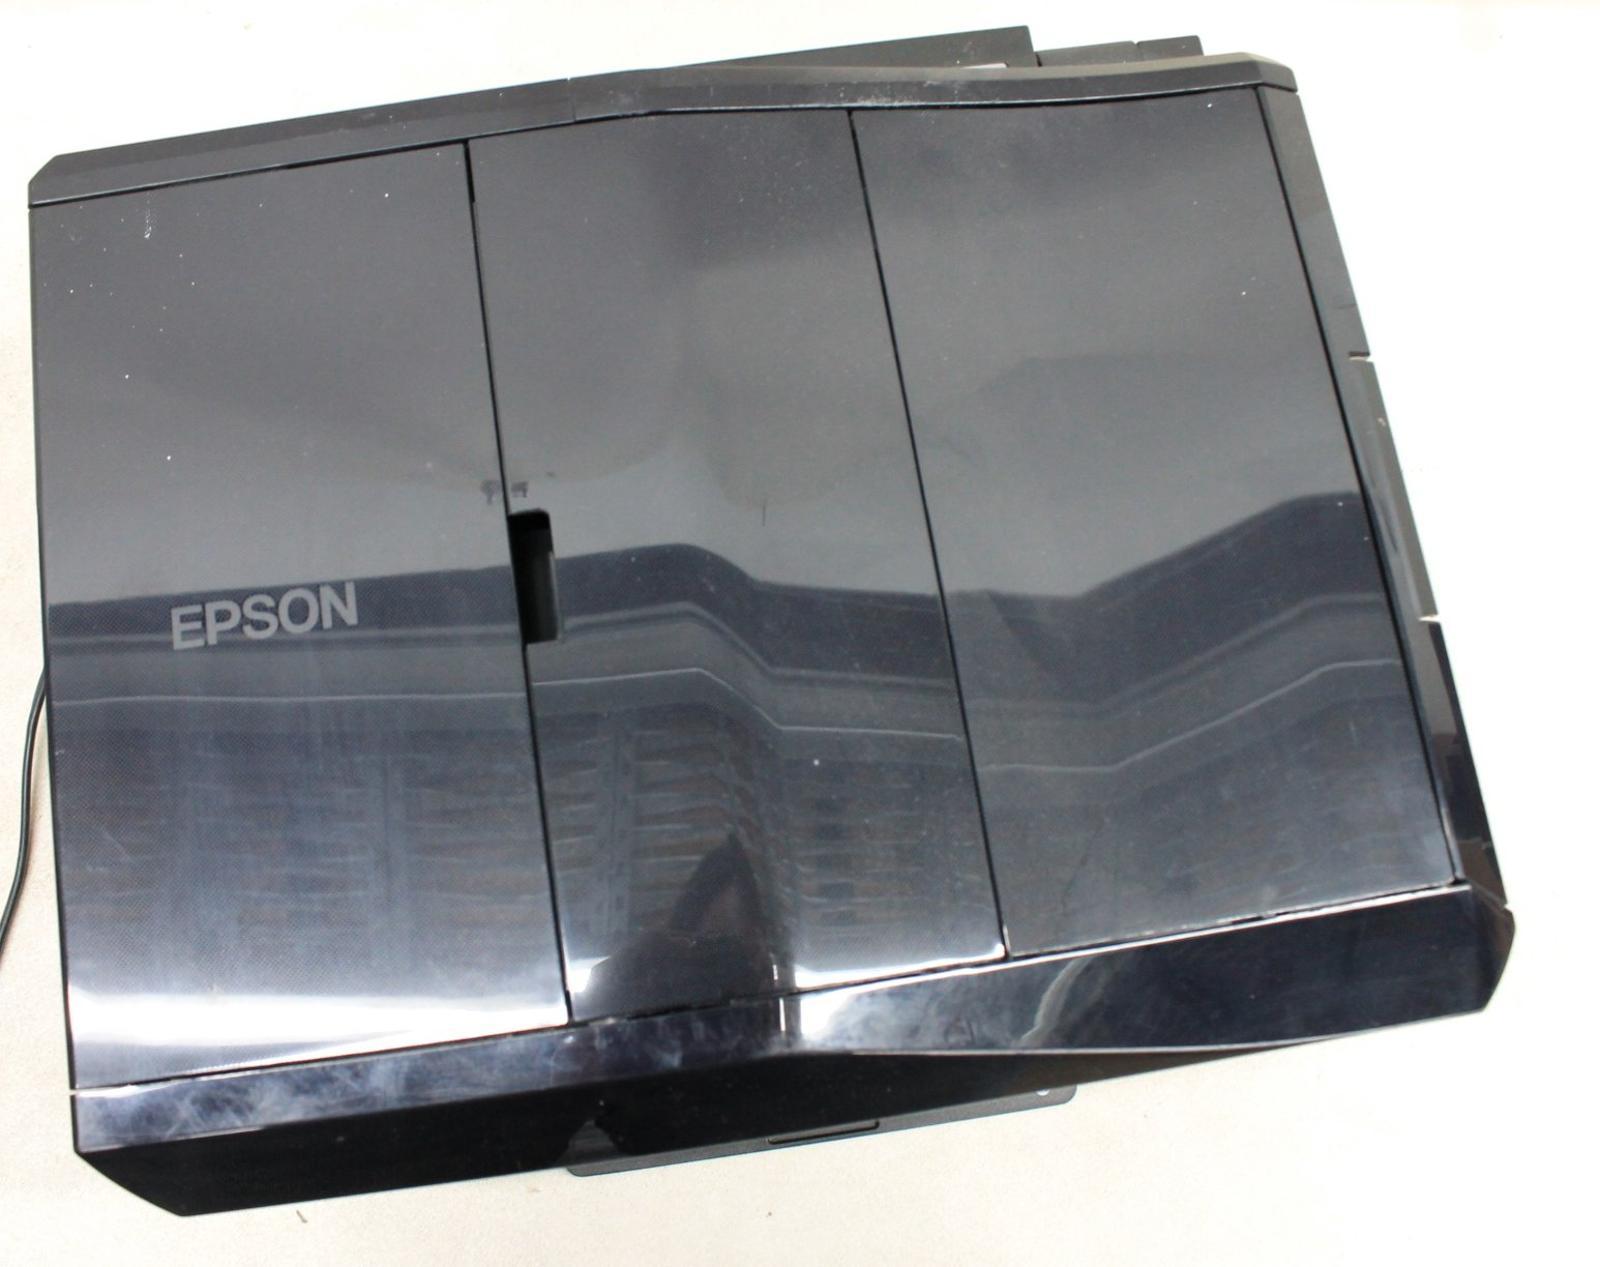 EPSON-XP-810-Expression-Premium-1-en-4-Multifonction-Wi-Fi-Imprimante-Photo miniature 9